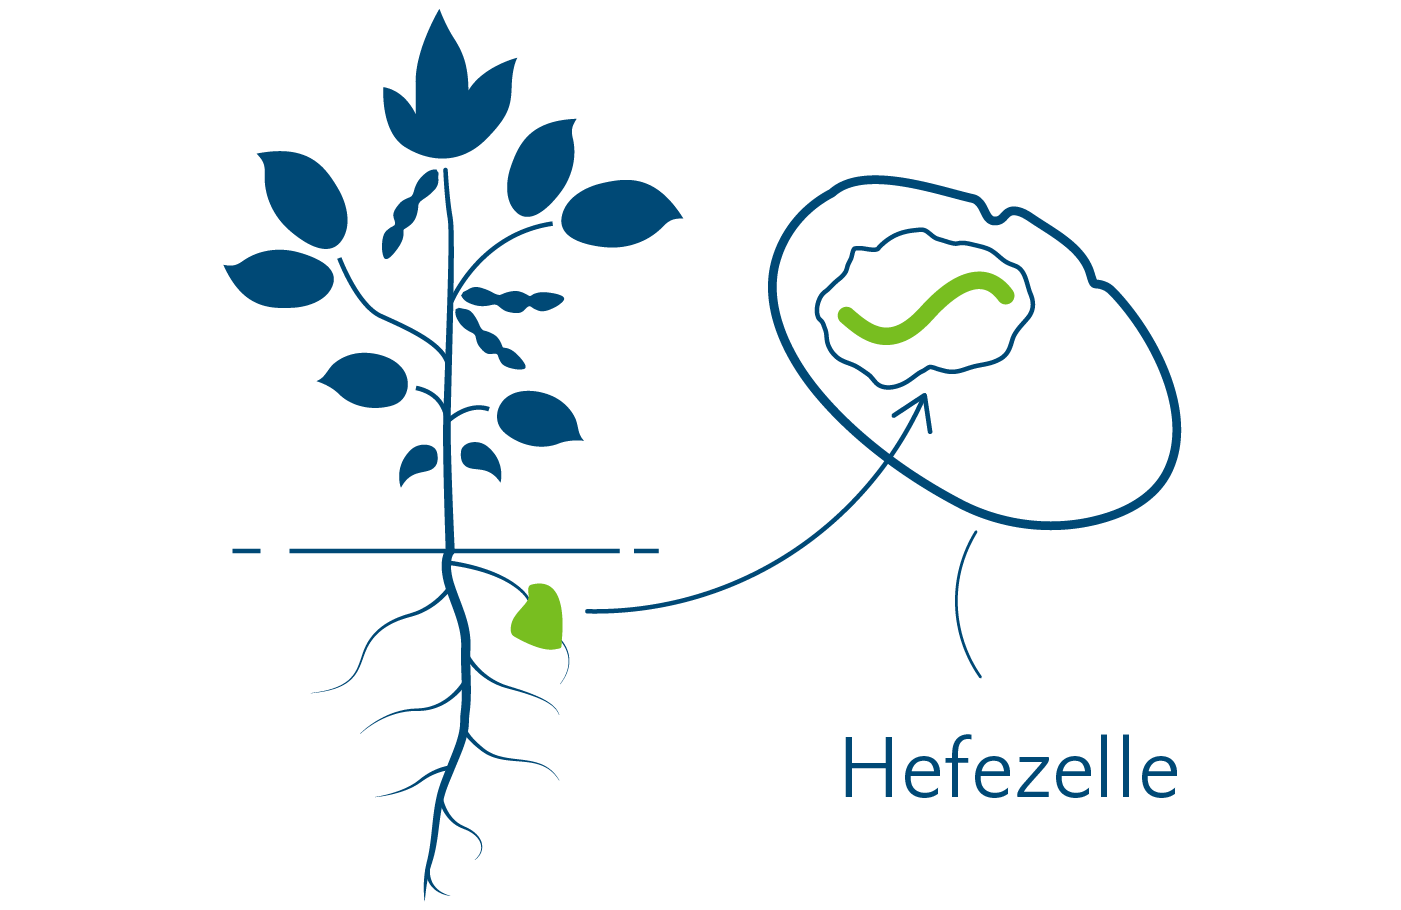 Herstellung von Häm durch Einpflanzen von DNA-Bausteinen in Hefezelle